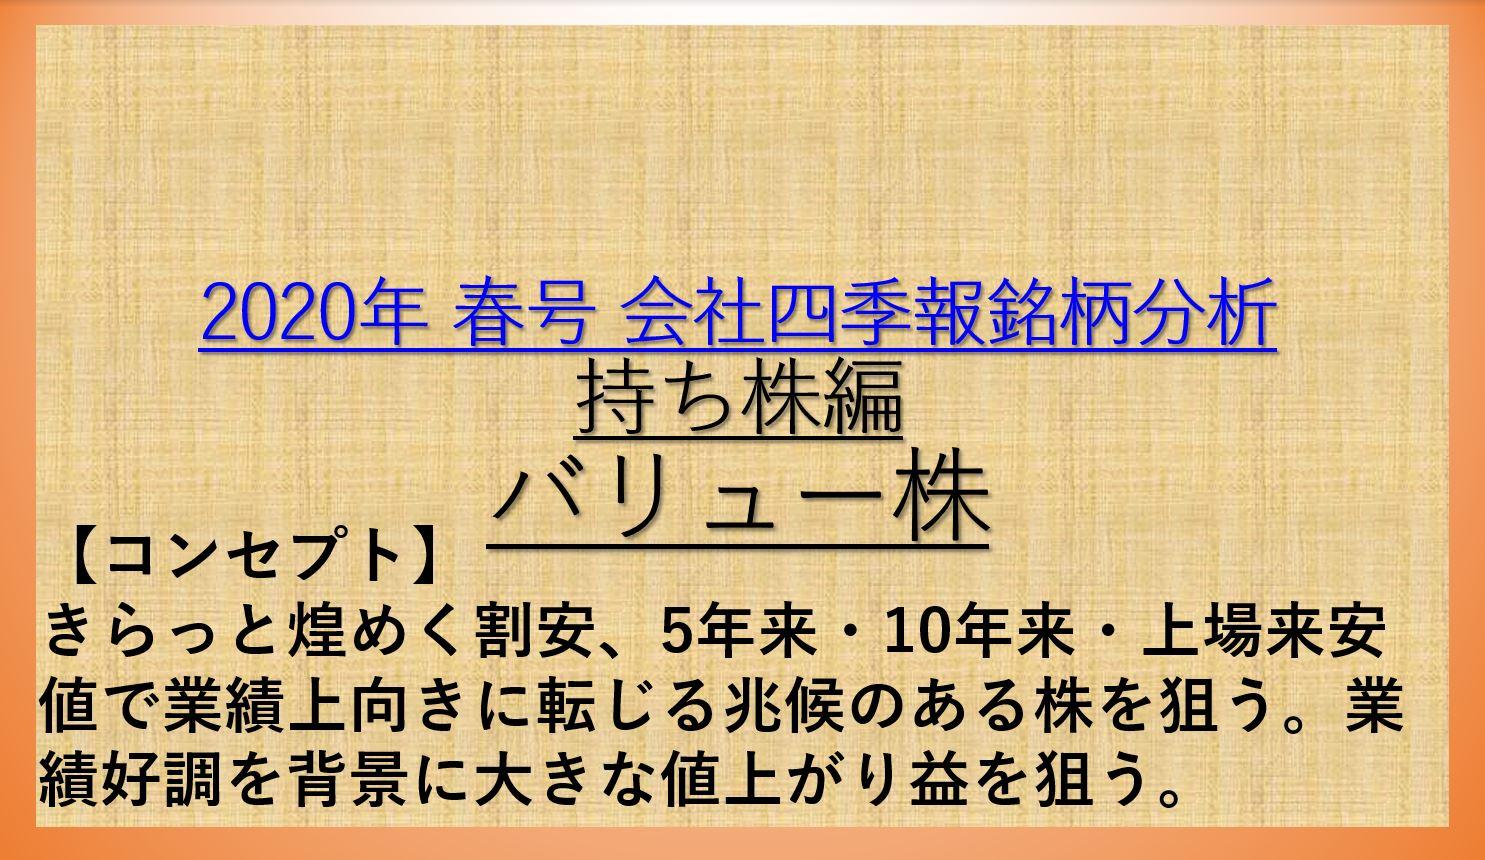 2020会社四季報春号-1